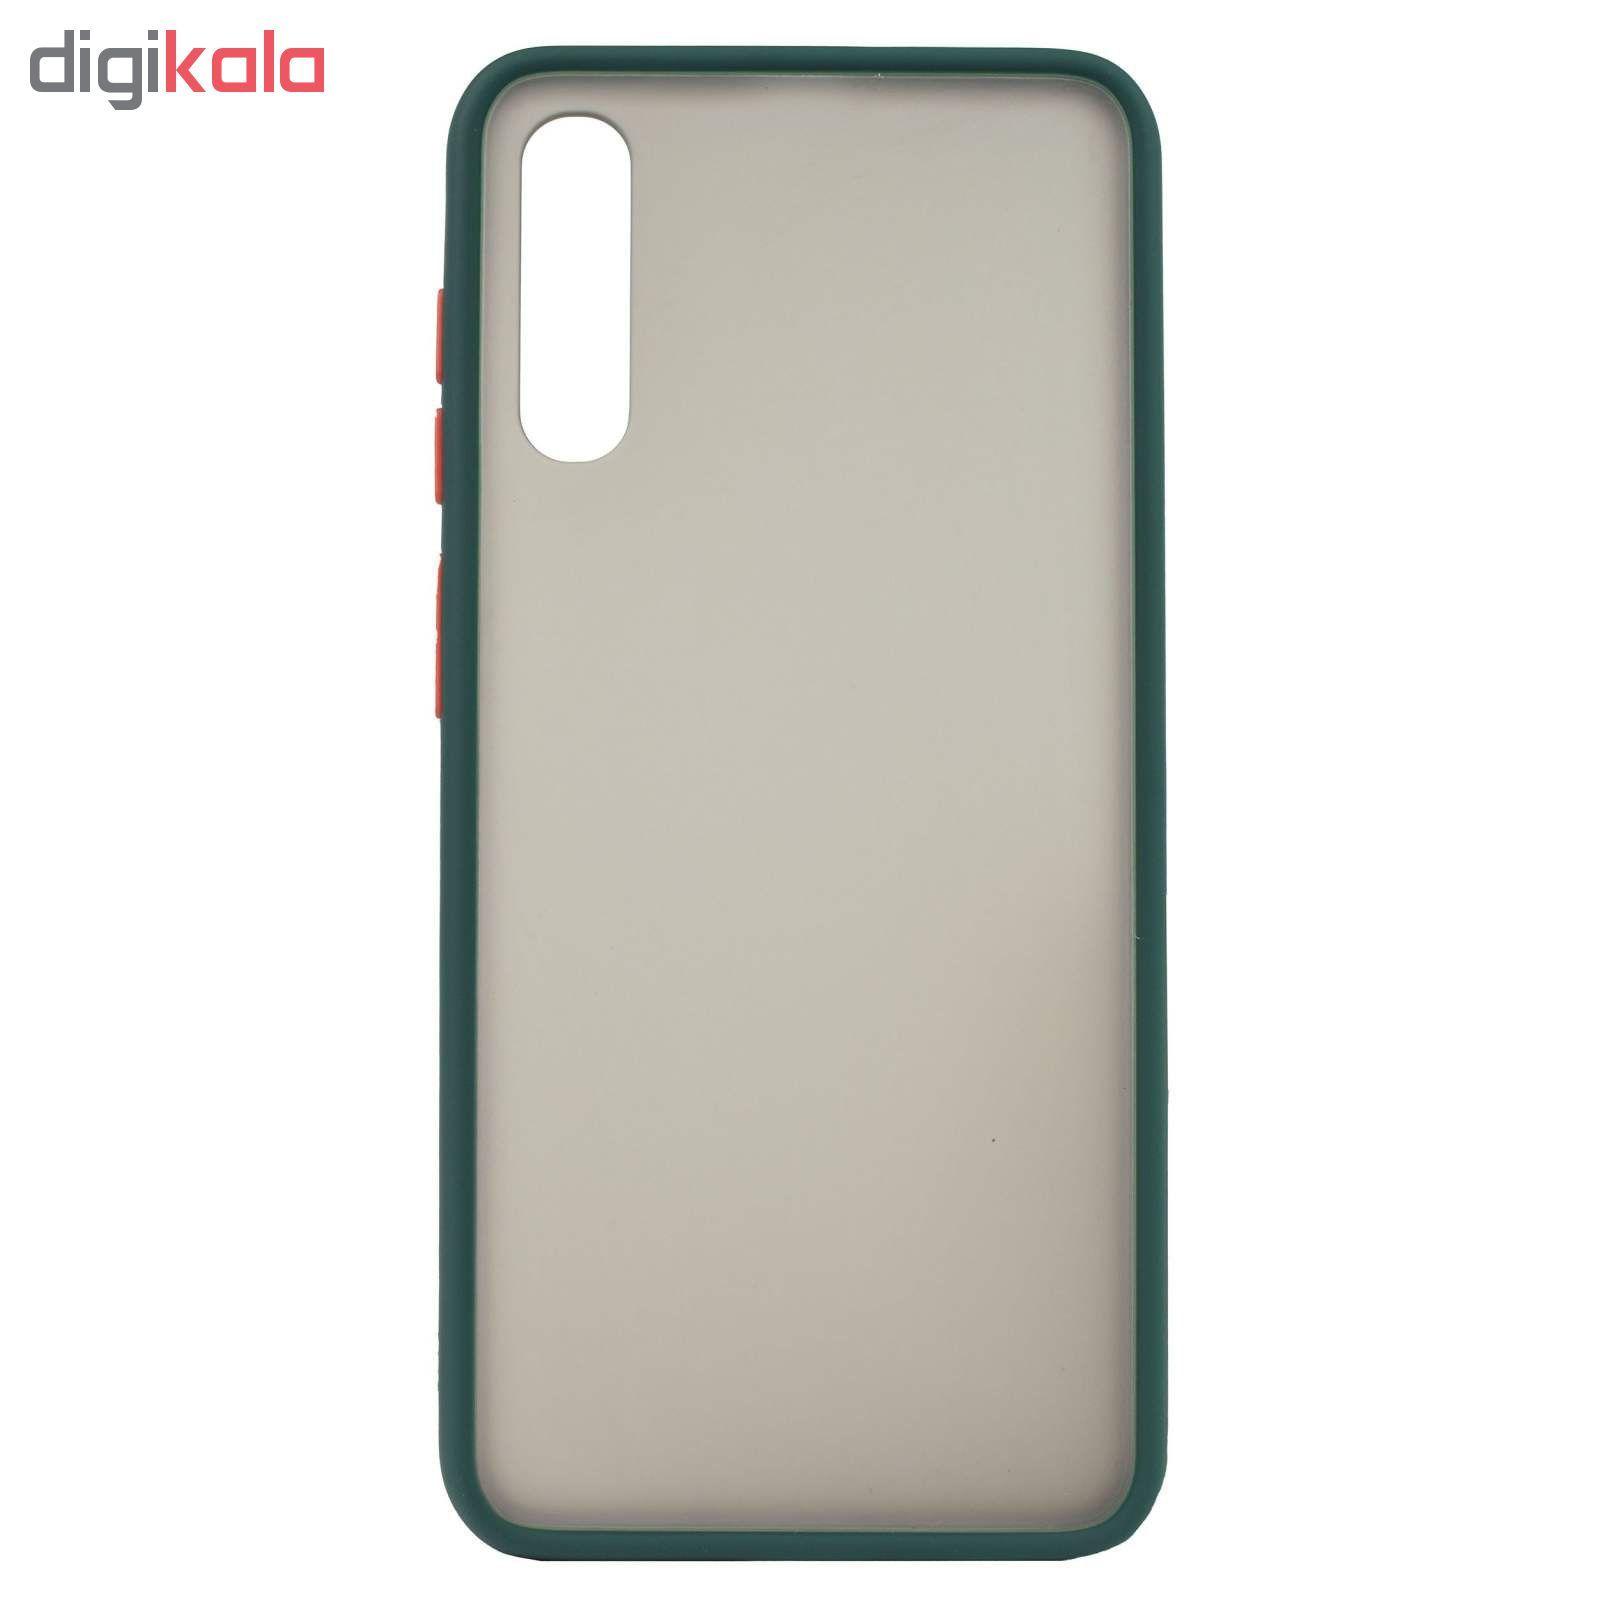 کاور مدل Sb-001 مناسب برای گوشی موبایل سامسونگ Galaxy A50/A30s/A50s main 1 7